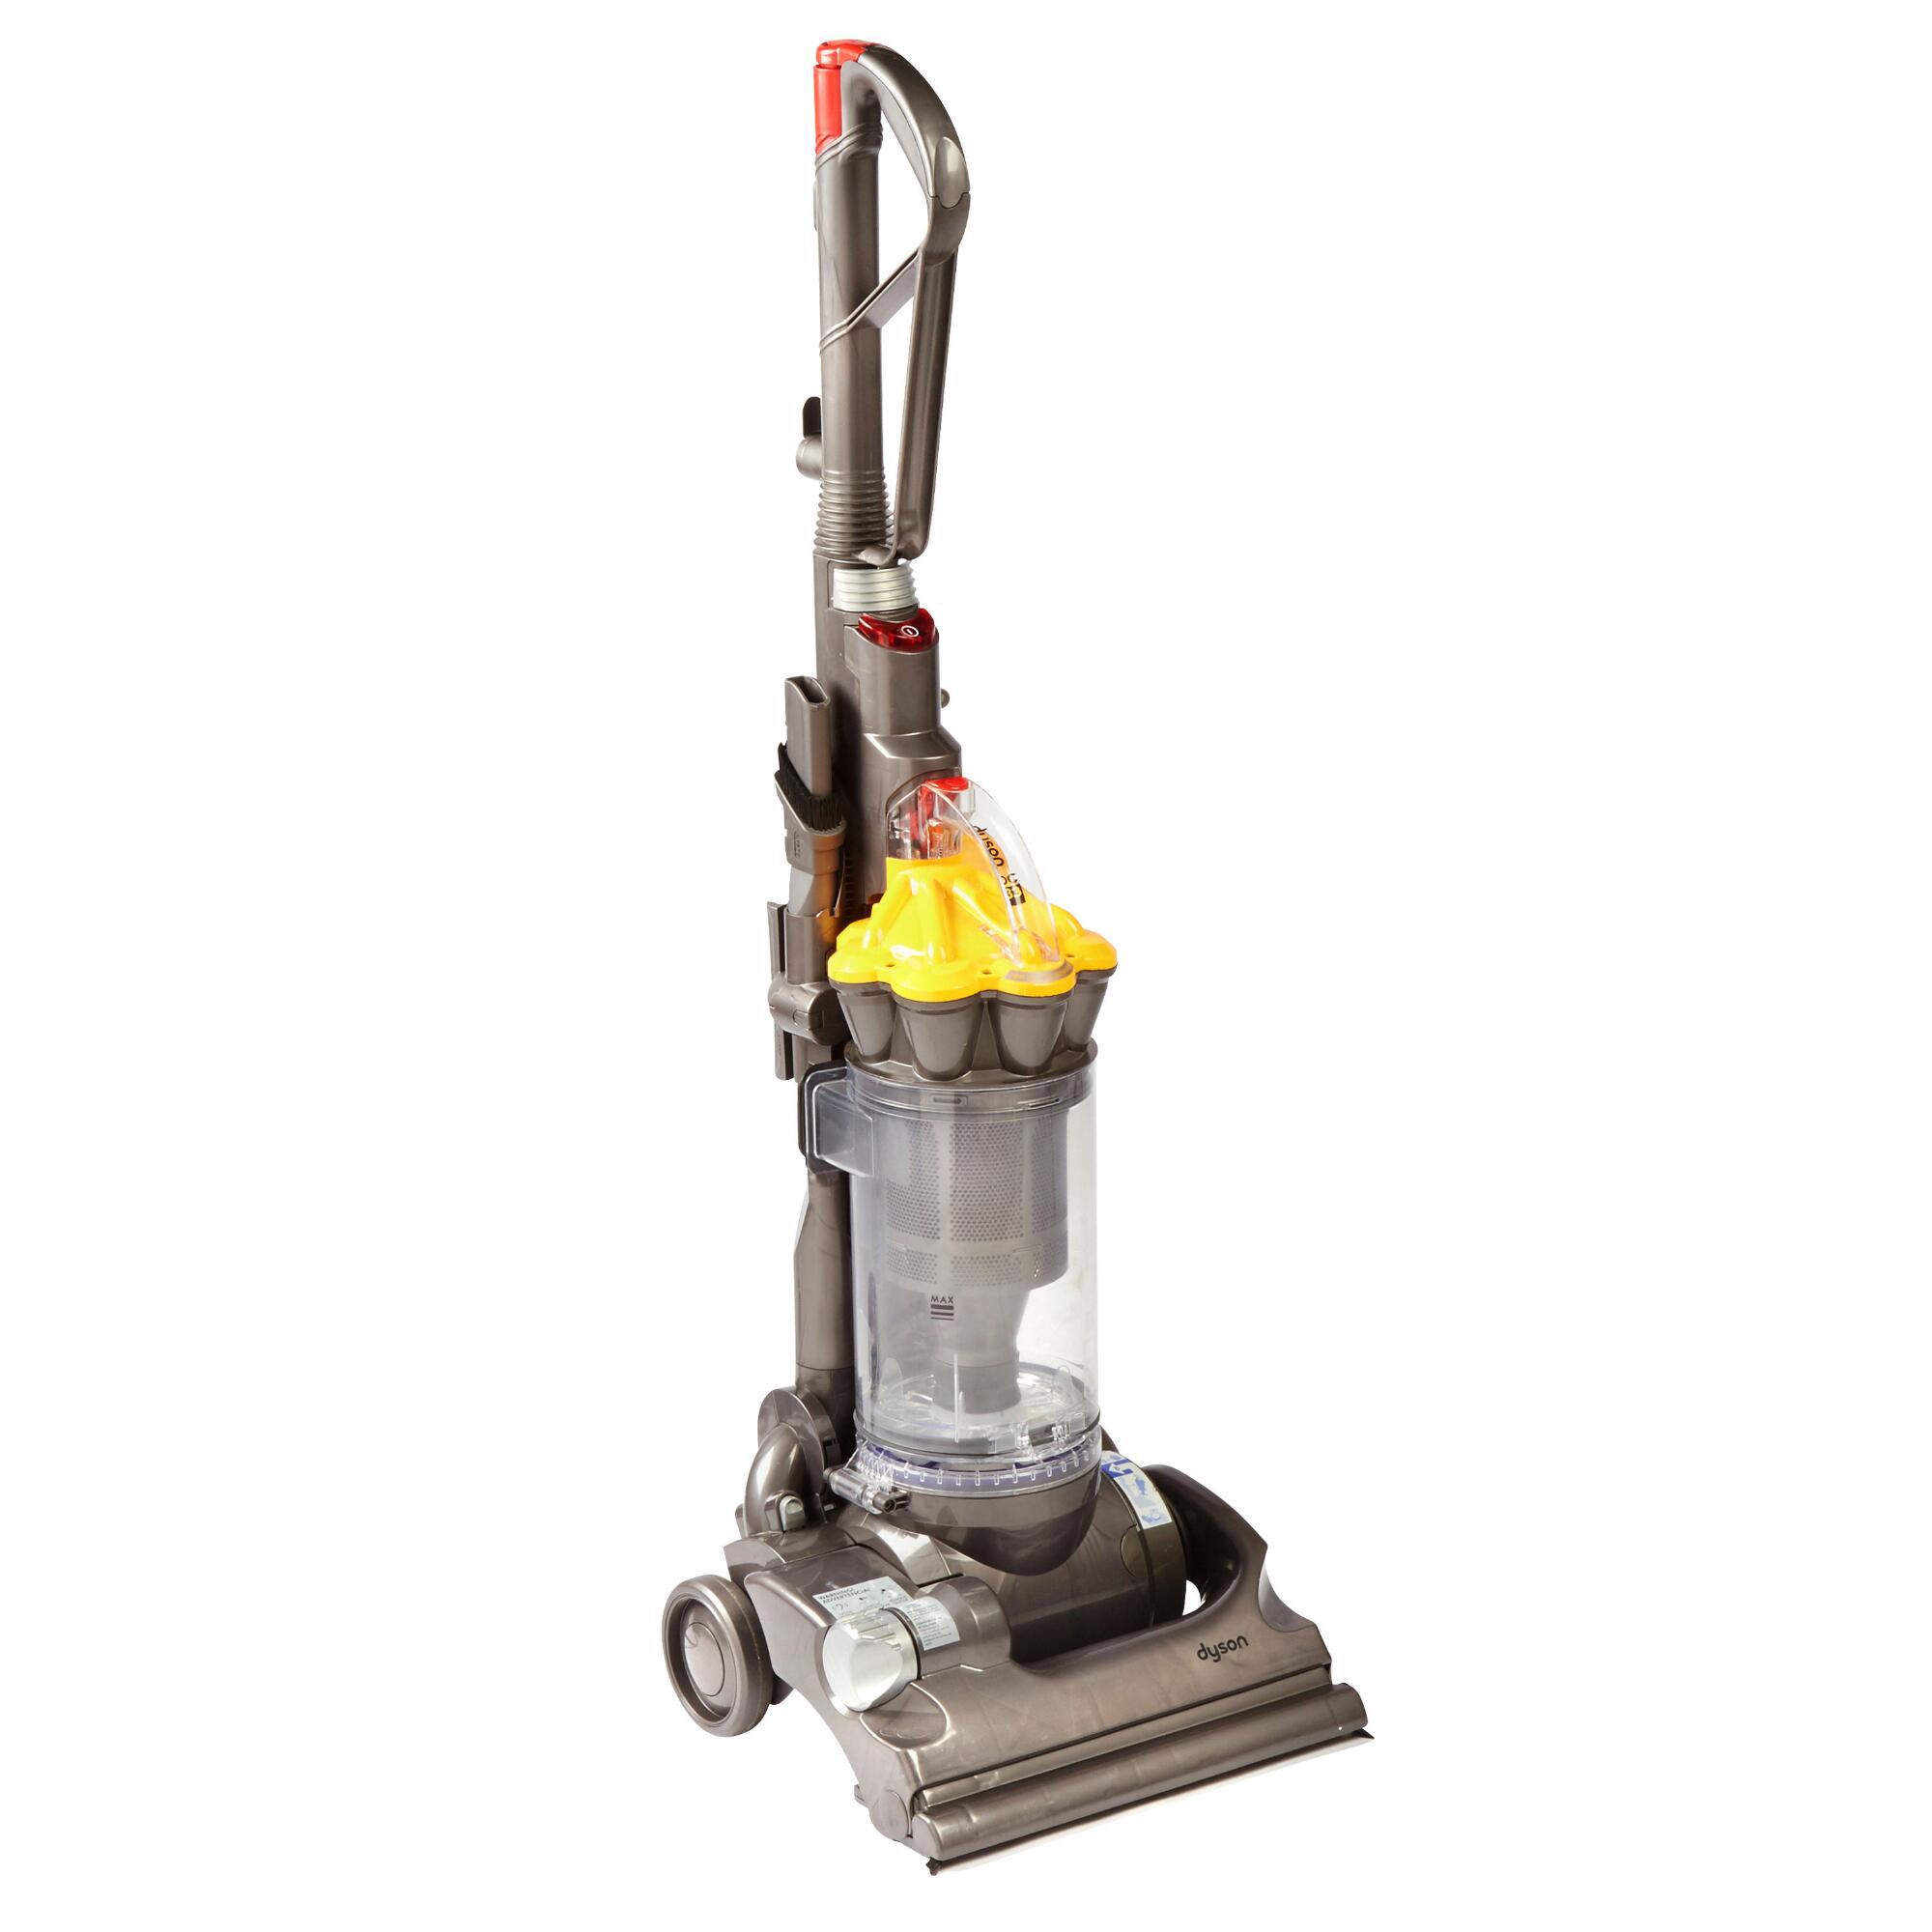 Dyson Vacuum Cleaner Rental Express Apppliances